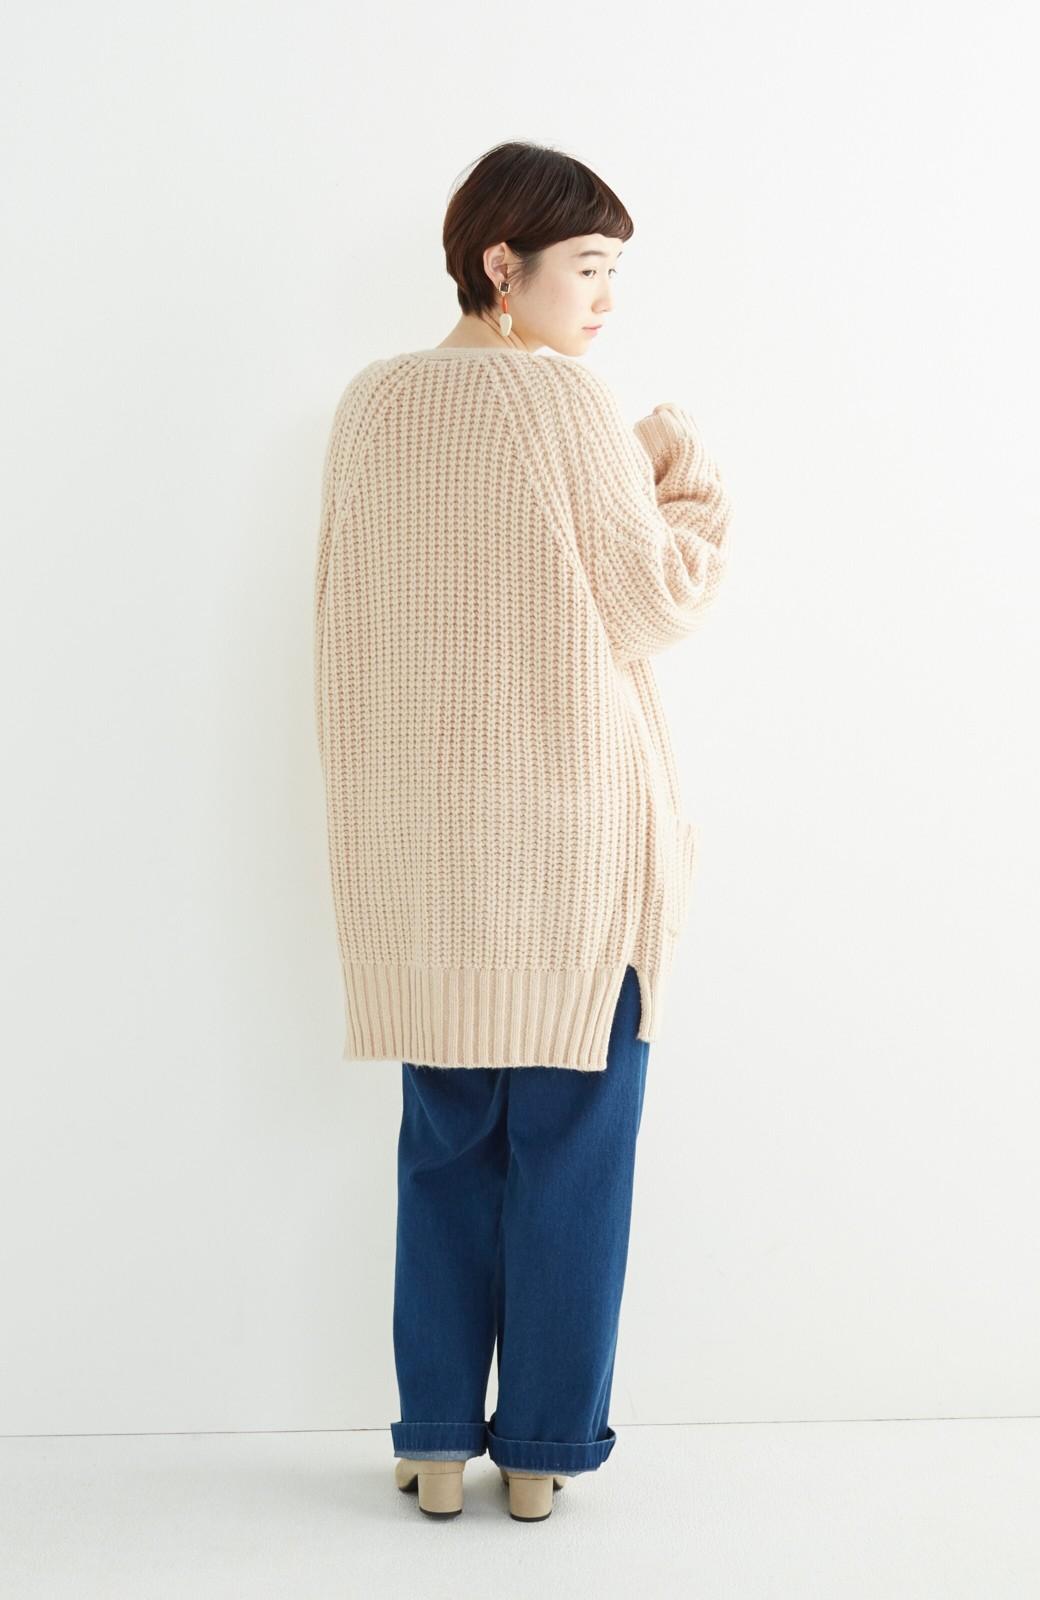 エムトロワ ぱっと羽織るのに便利なざっくり編みカーディガン <ライトベージュ>の商品写真9